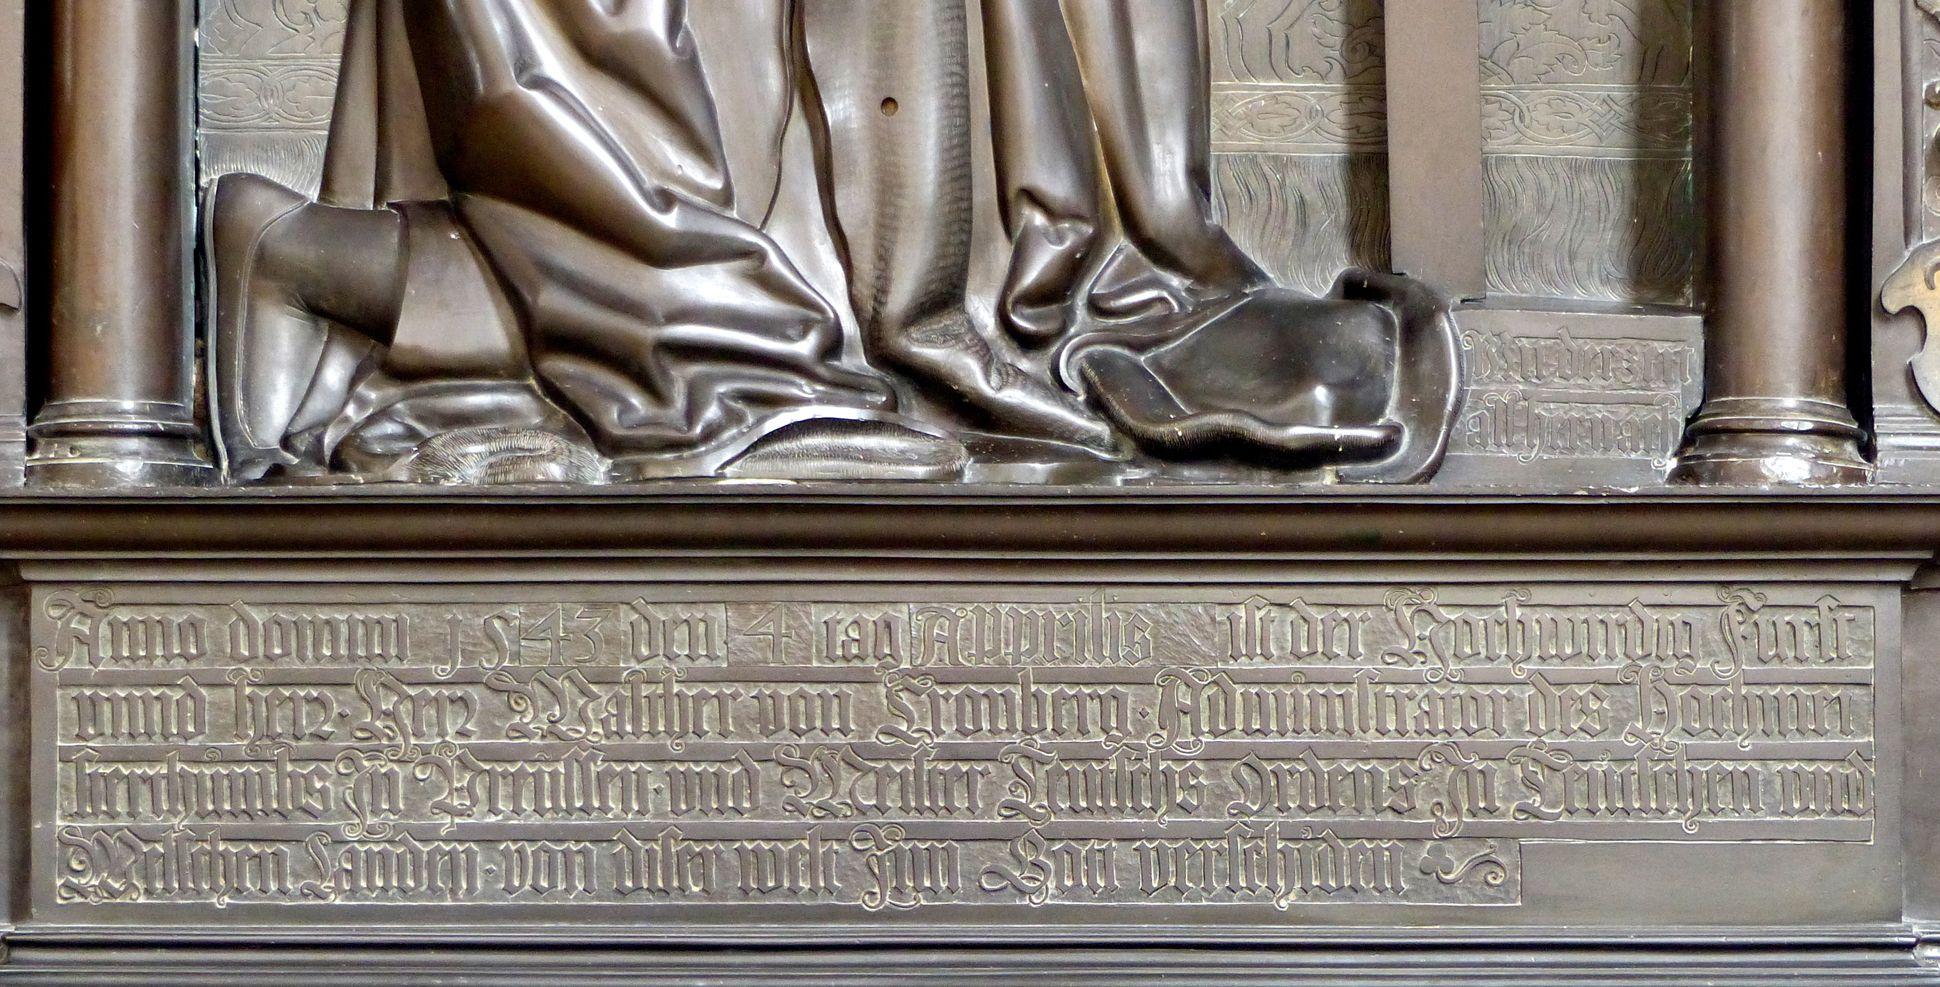 Walter von Cronberg Inschrift